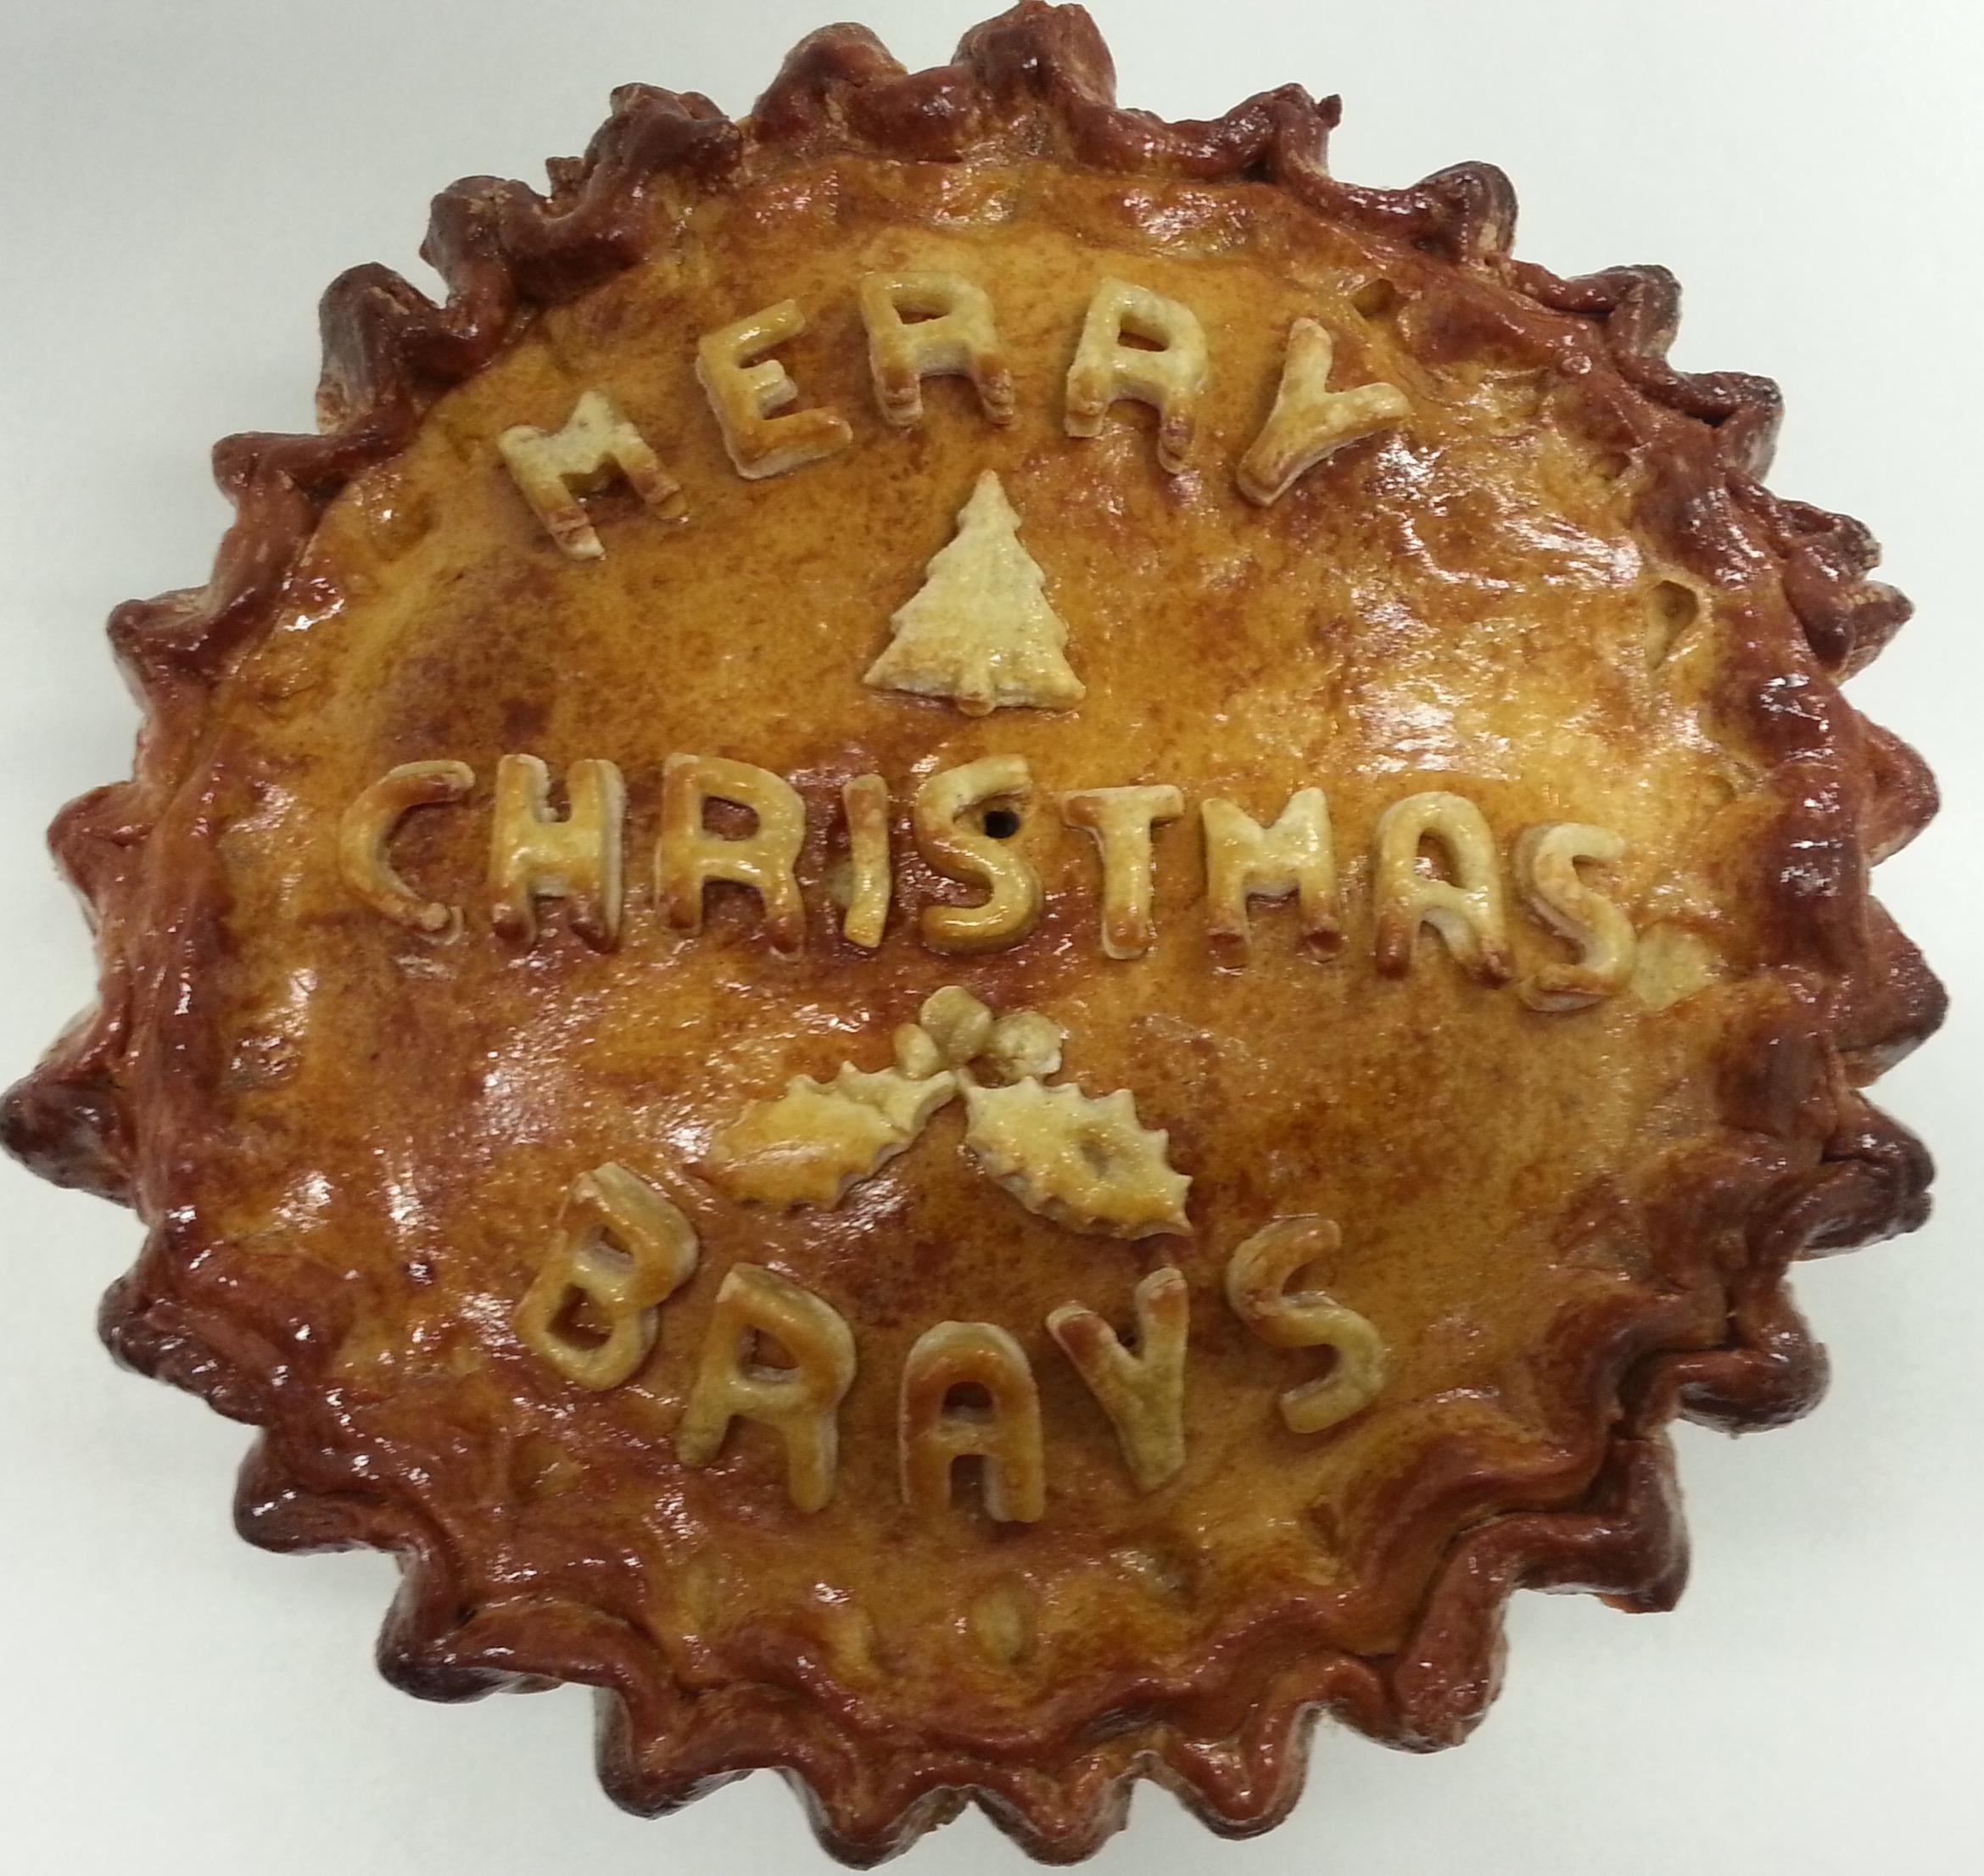 Merry Christmas Celebration Pork Pie